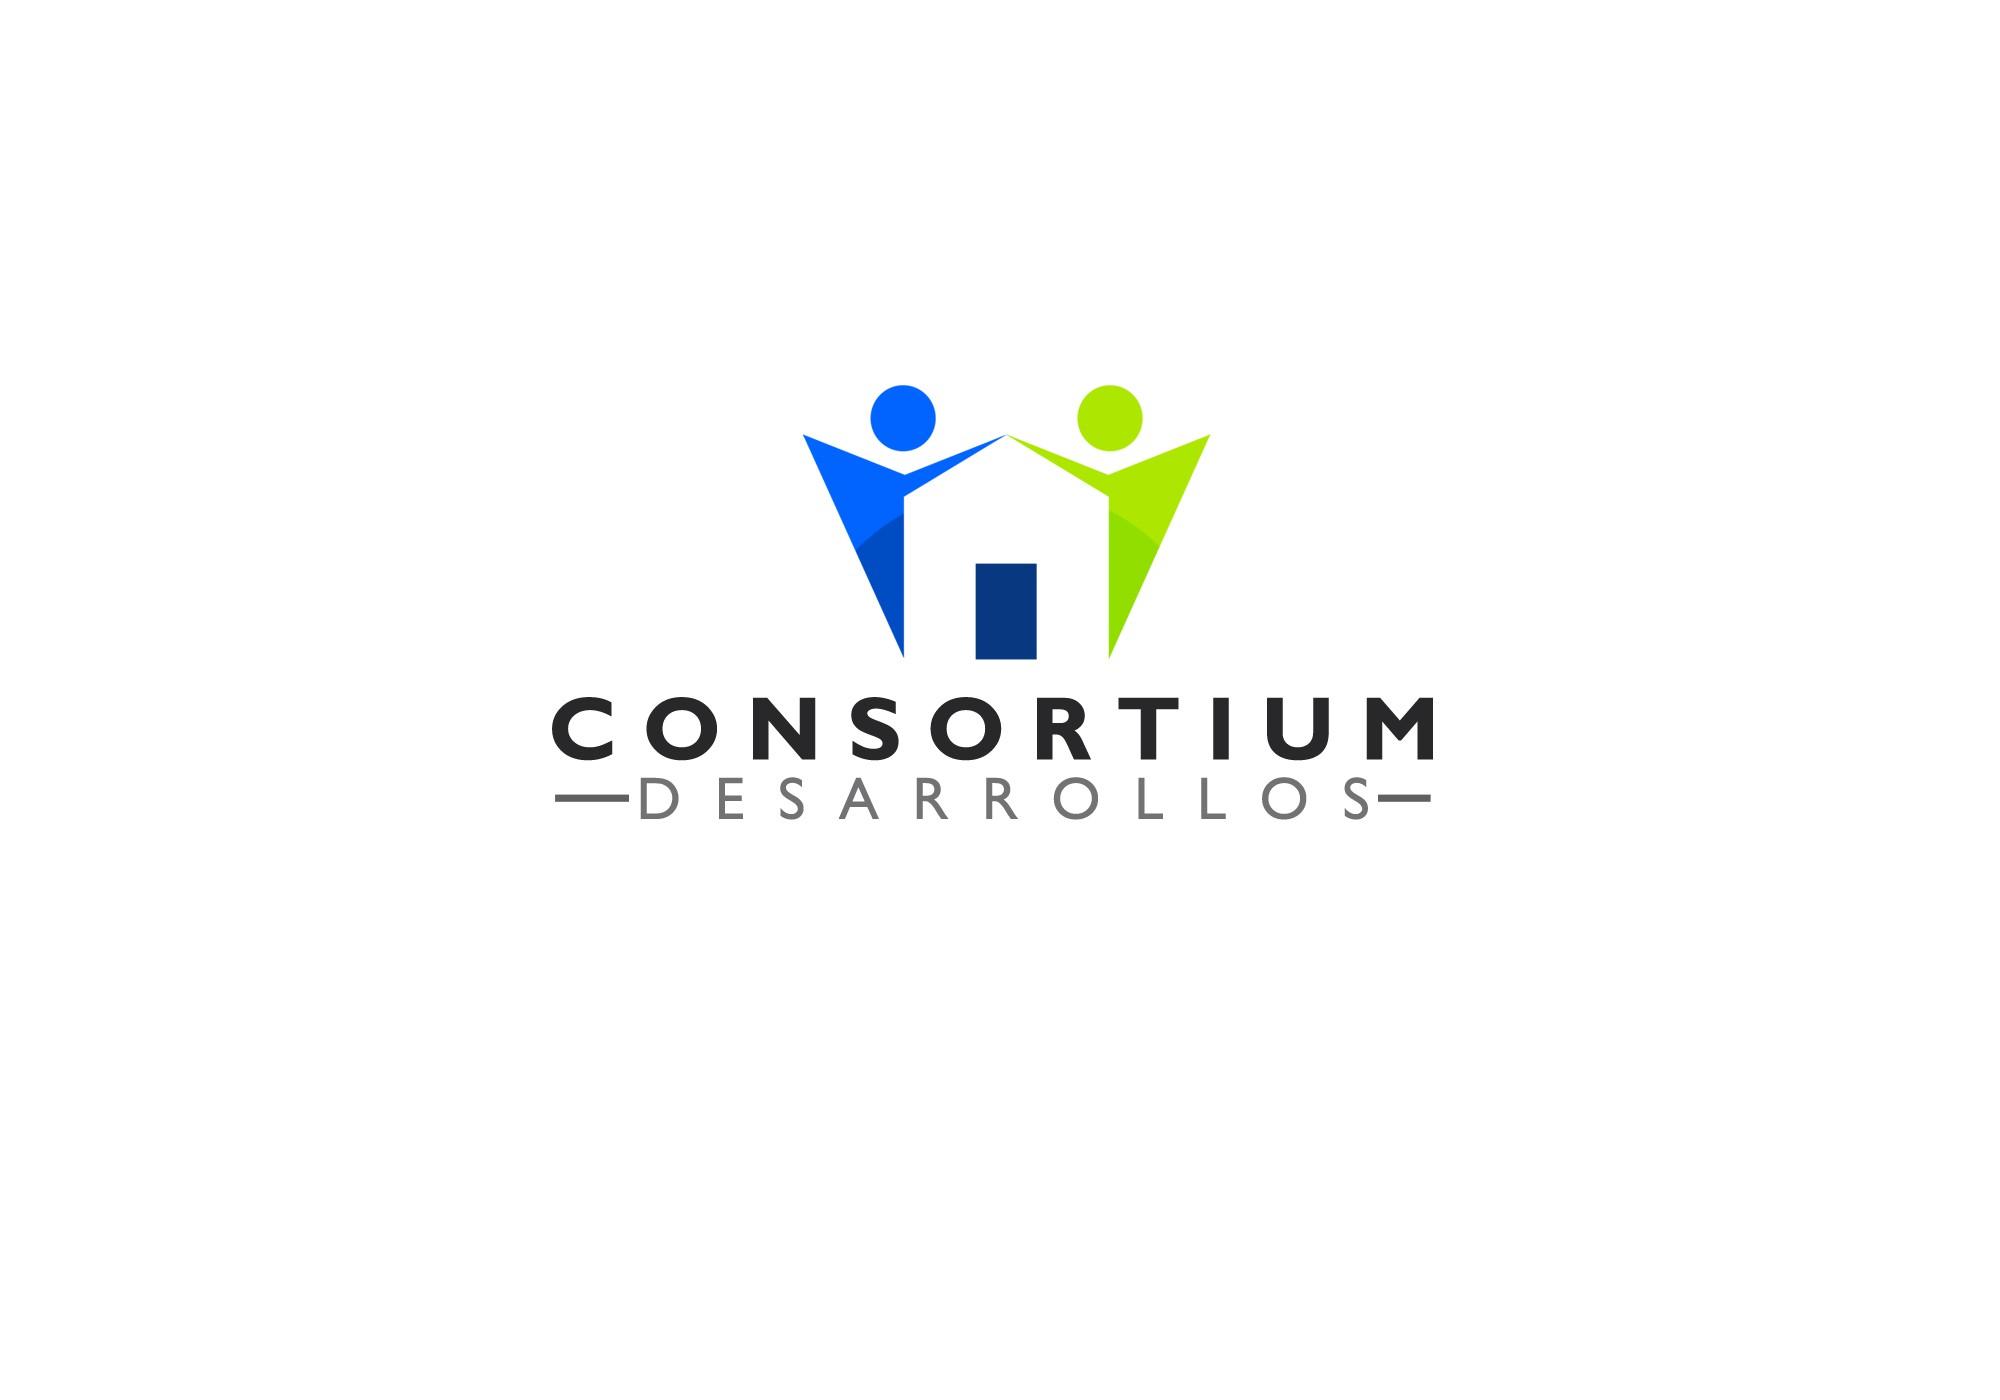 Consortium Desarrollos needs a new logo